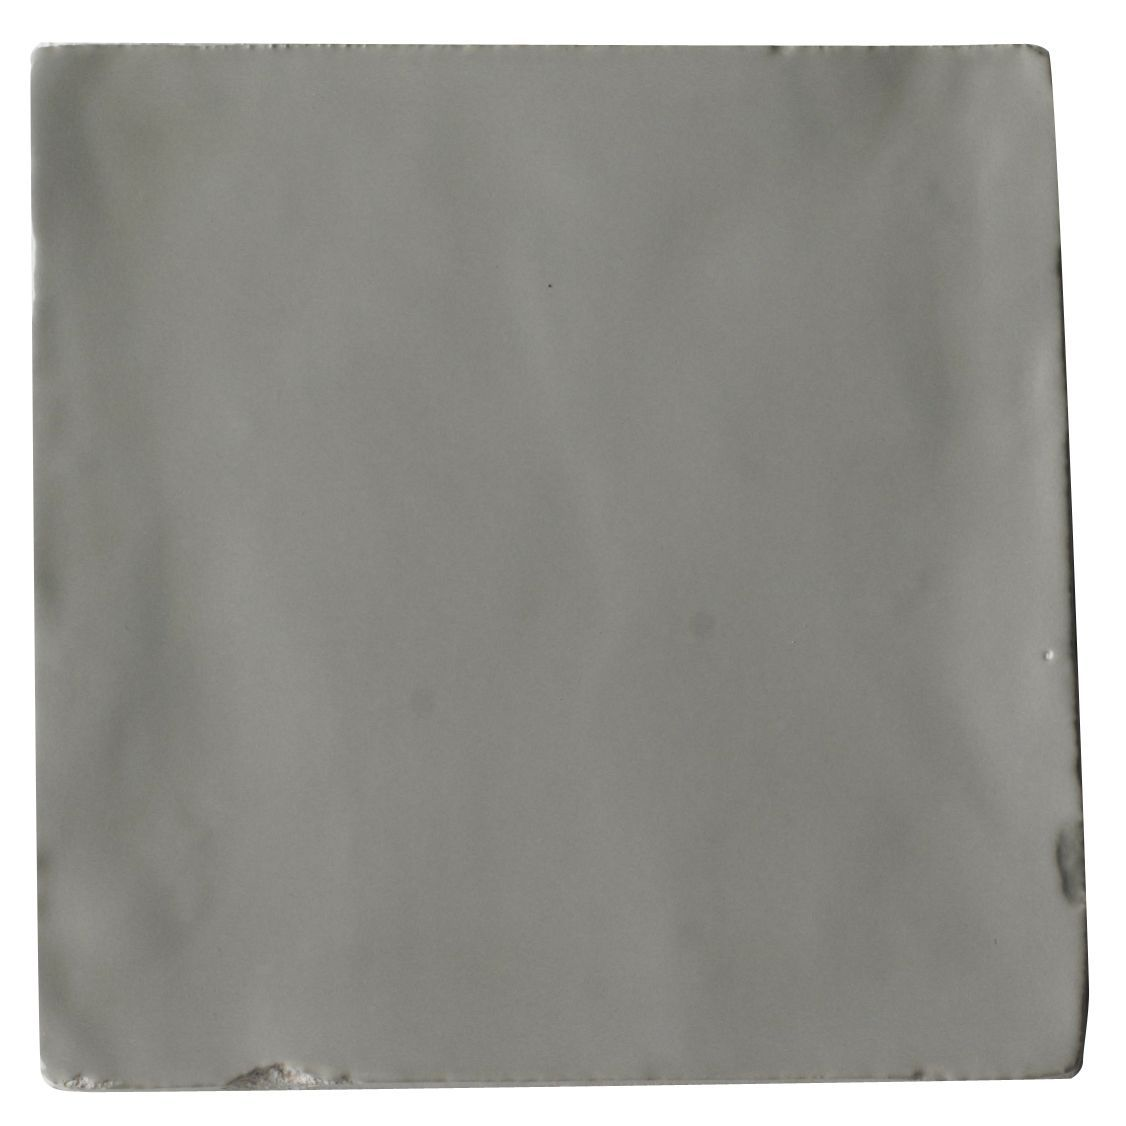 Lustre Beige Stone Effect Wall Tile, (l)100mm (w)100mm